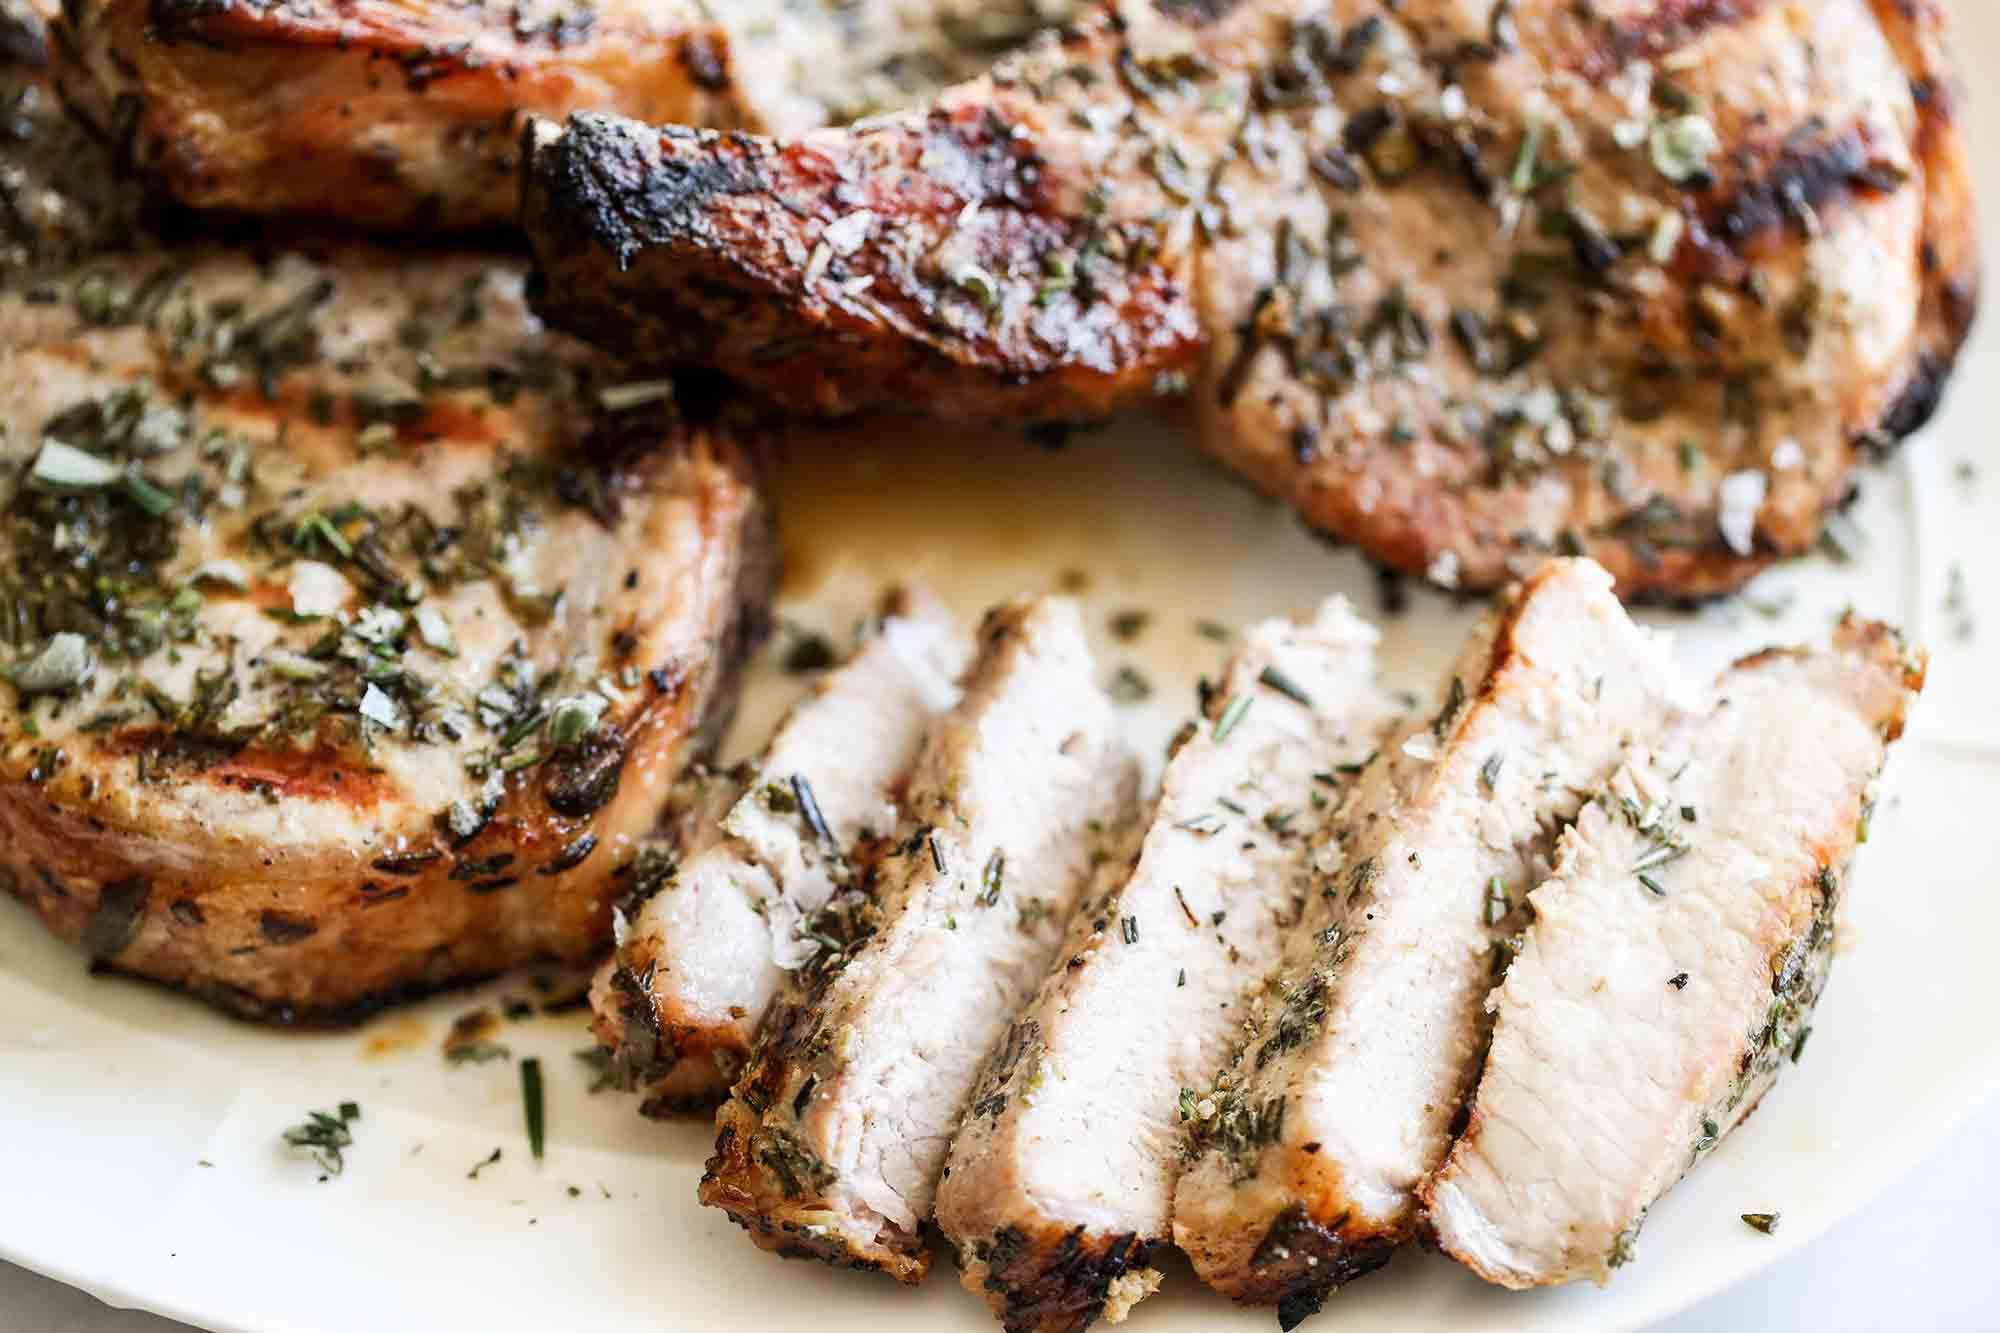 Sous Vide Grilled Pork Chops serve the pork chops